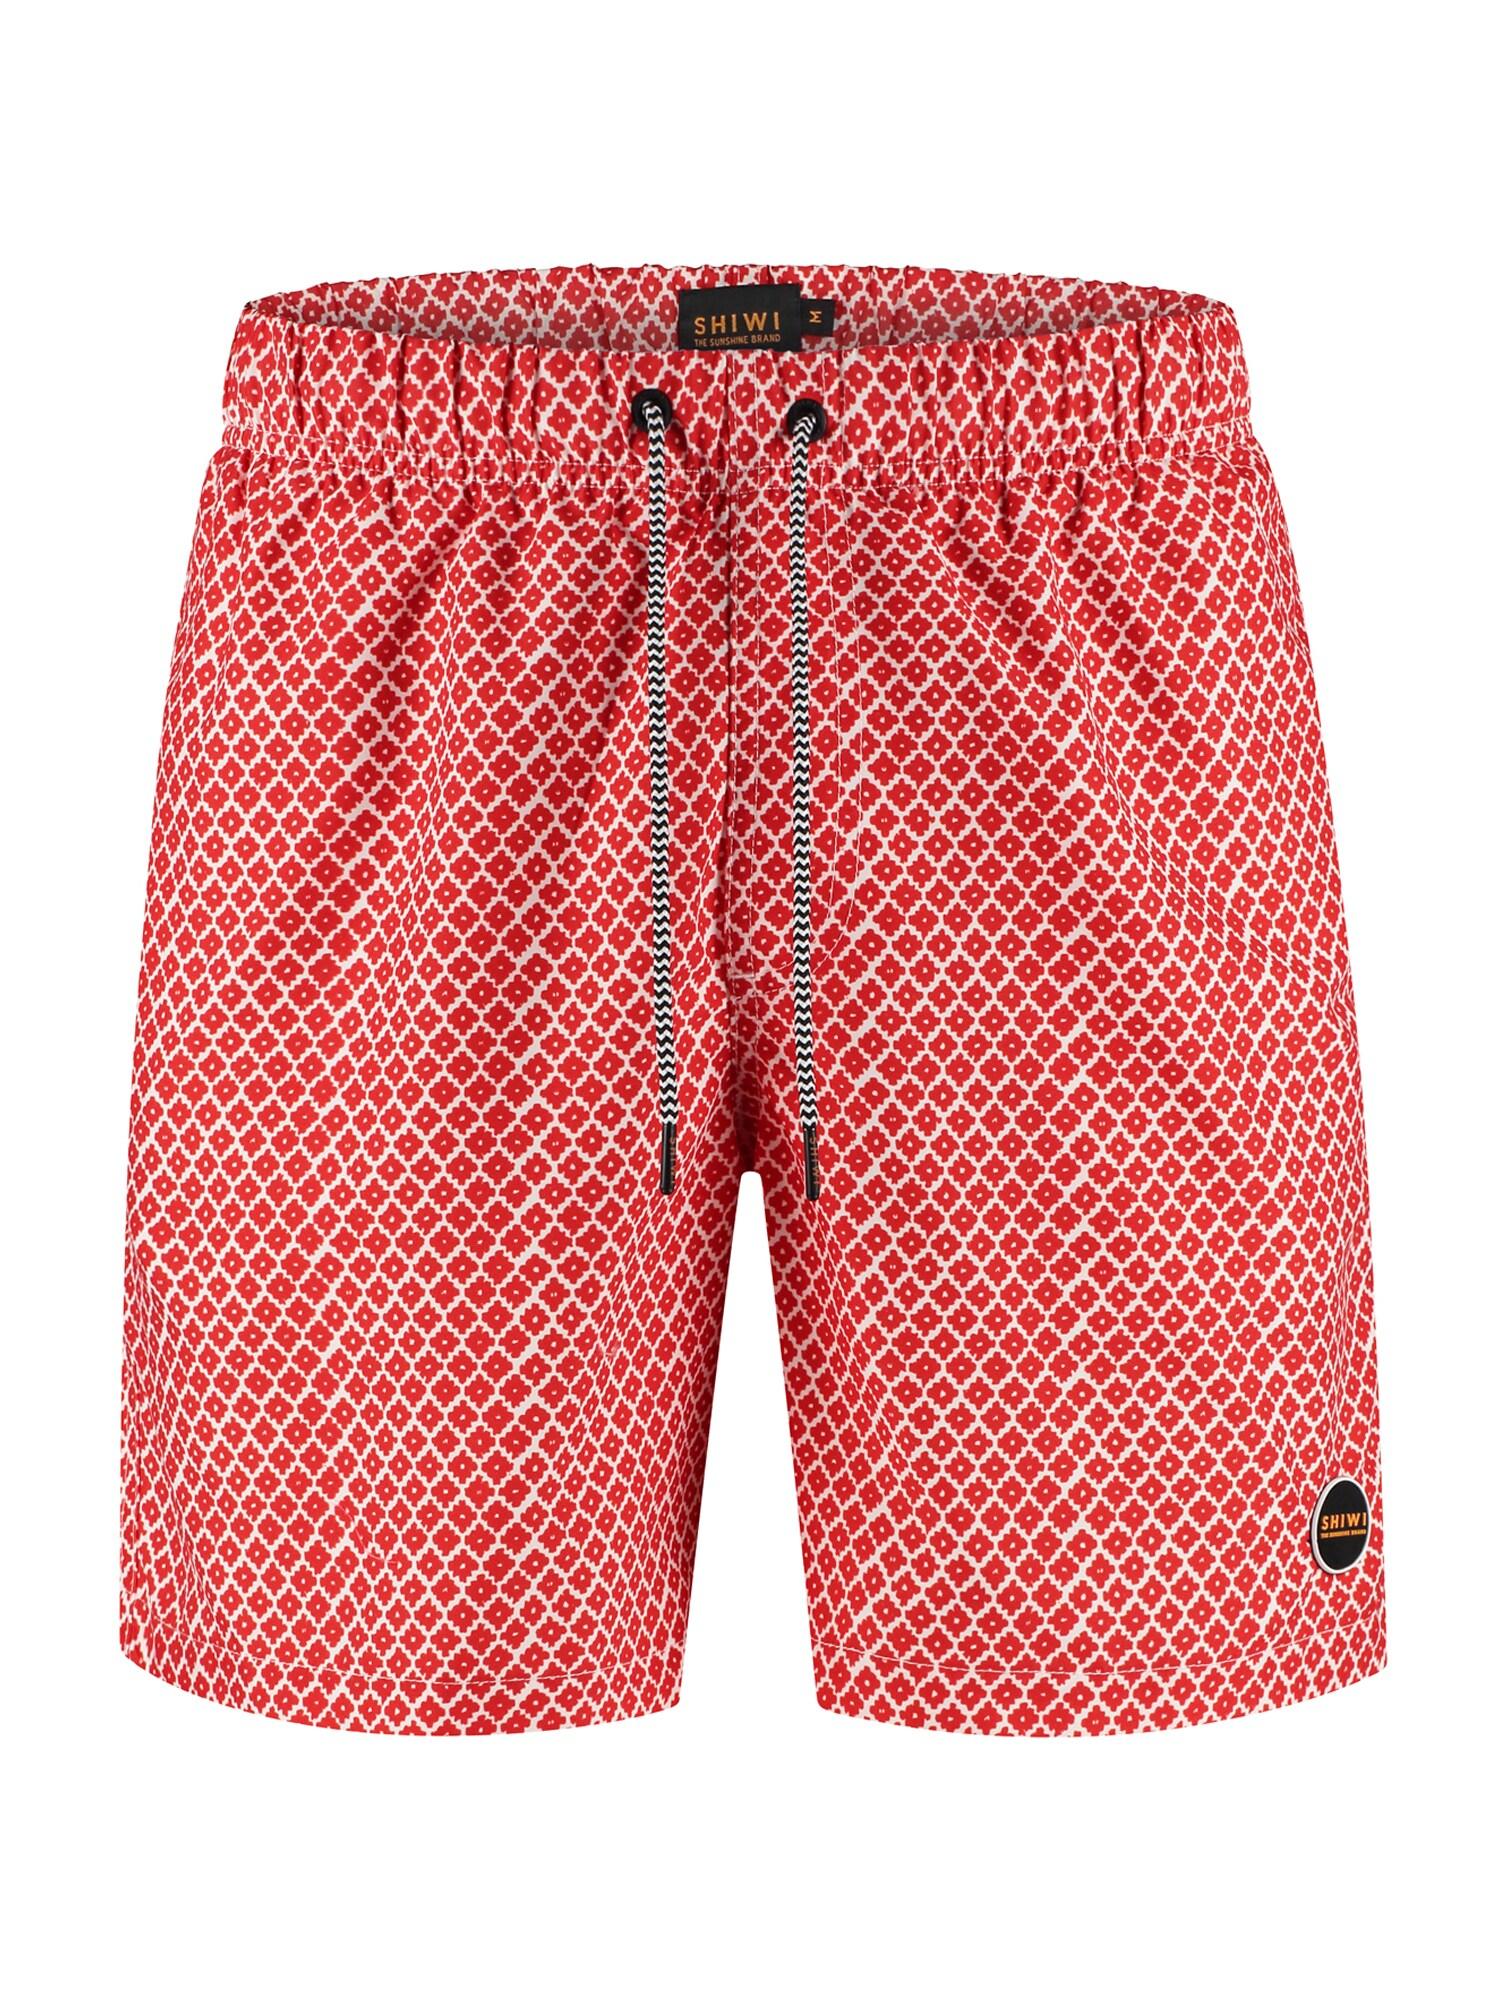 Shiwi Plavecké šortky  ohnivá červená / bílá